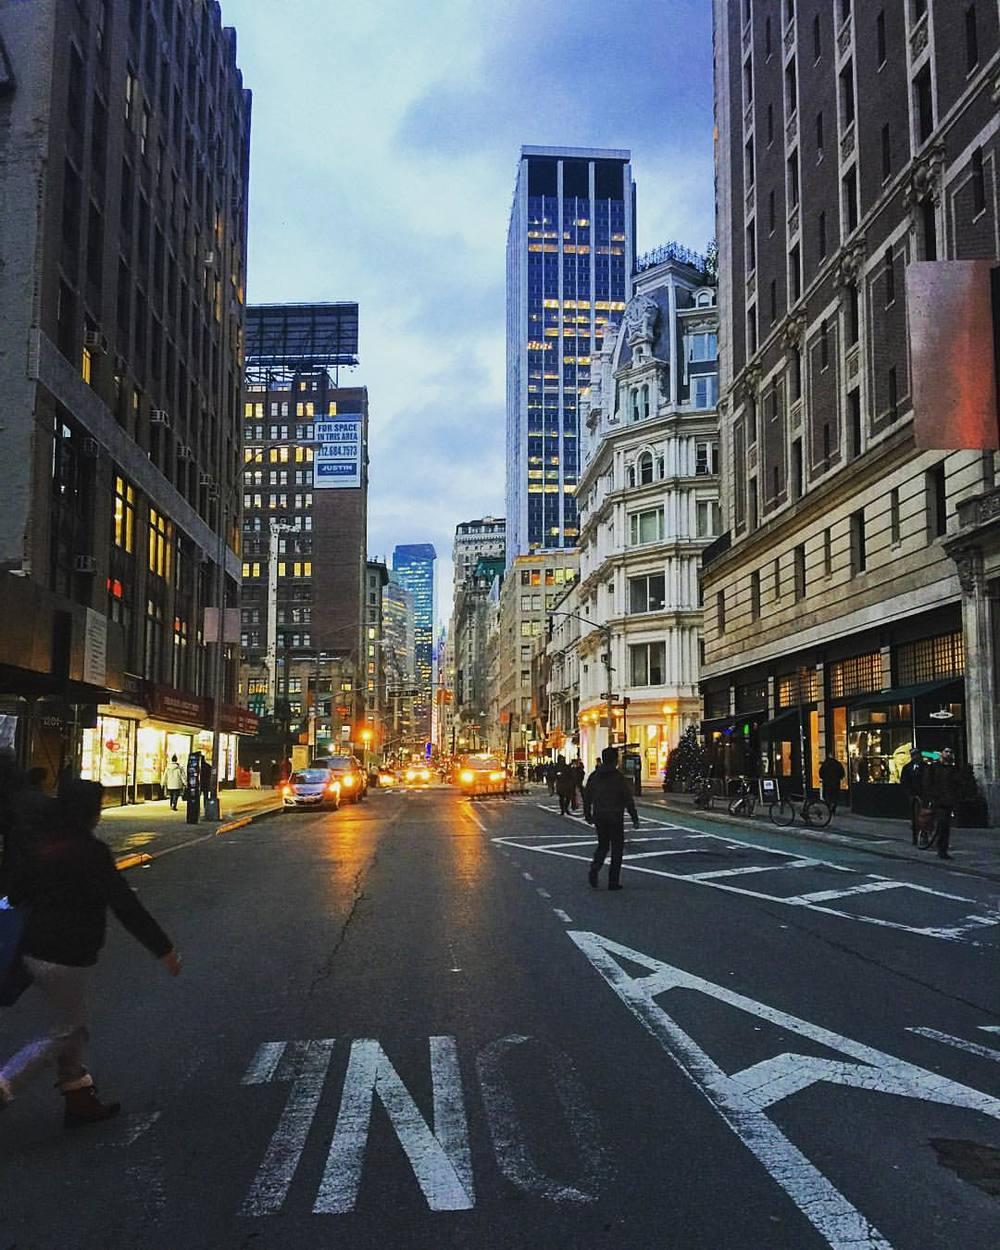 Dusk in NoMad 🌥🌕🌆  ||  #nyc #dusk #flatiron #nomad #gramercy #chelsea #iloveny #traffic #design #style #openhouseny  (at Nomad @ The Nomad Hotel)